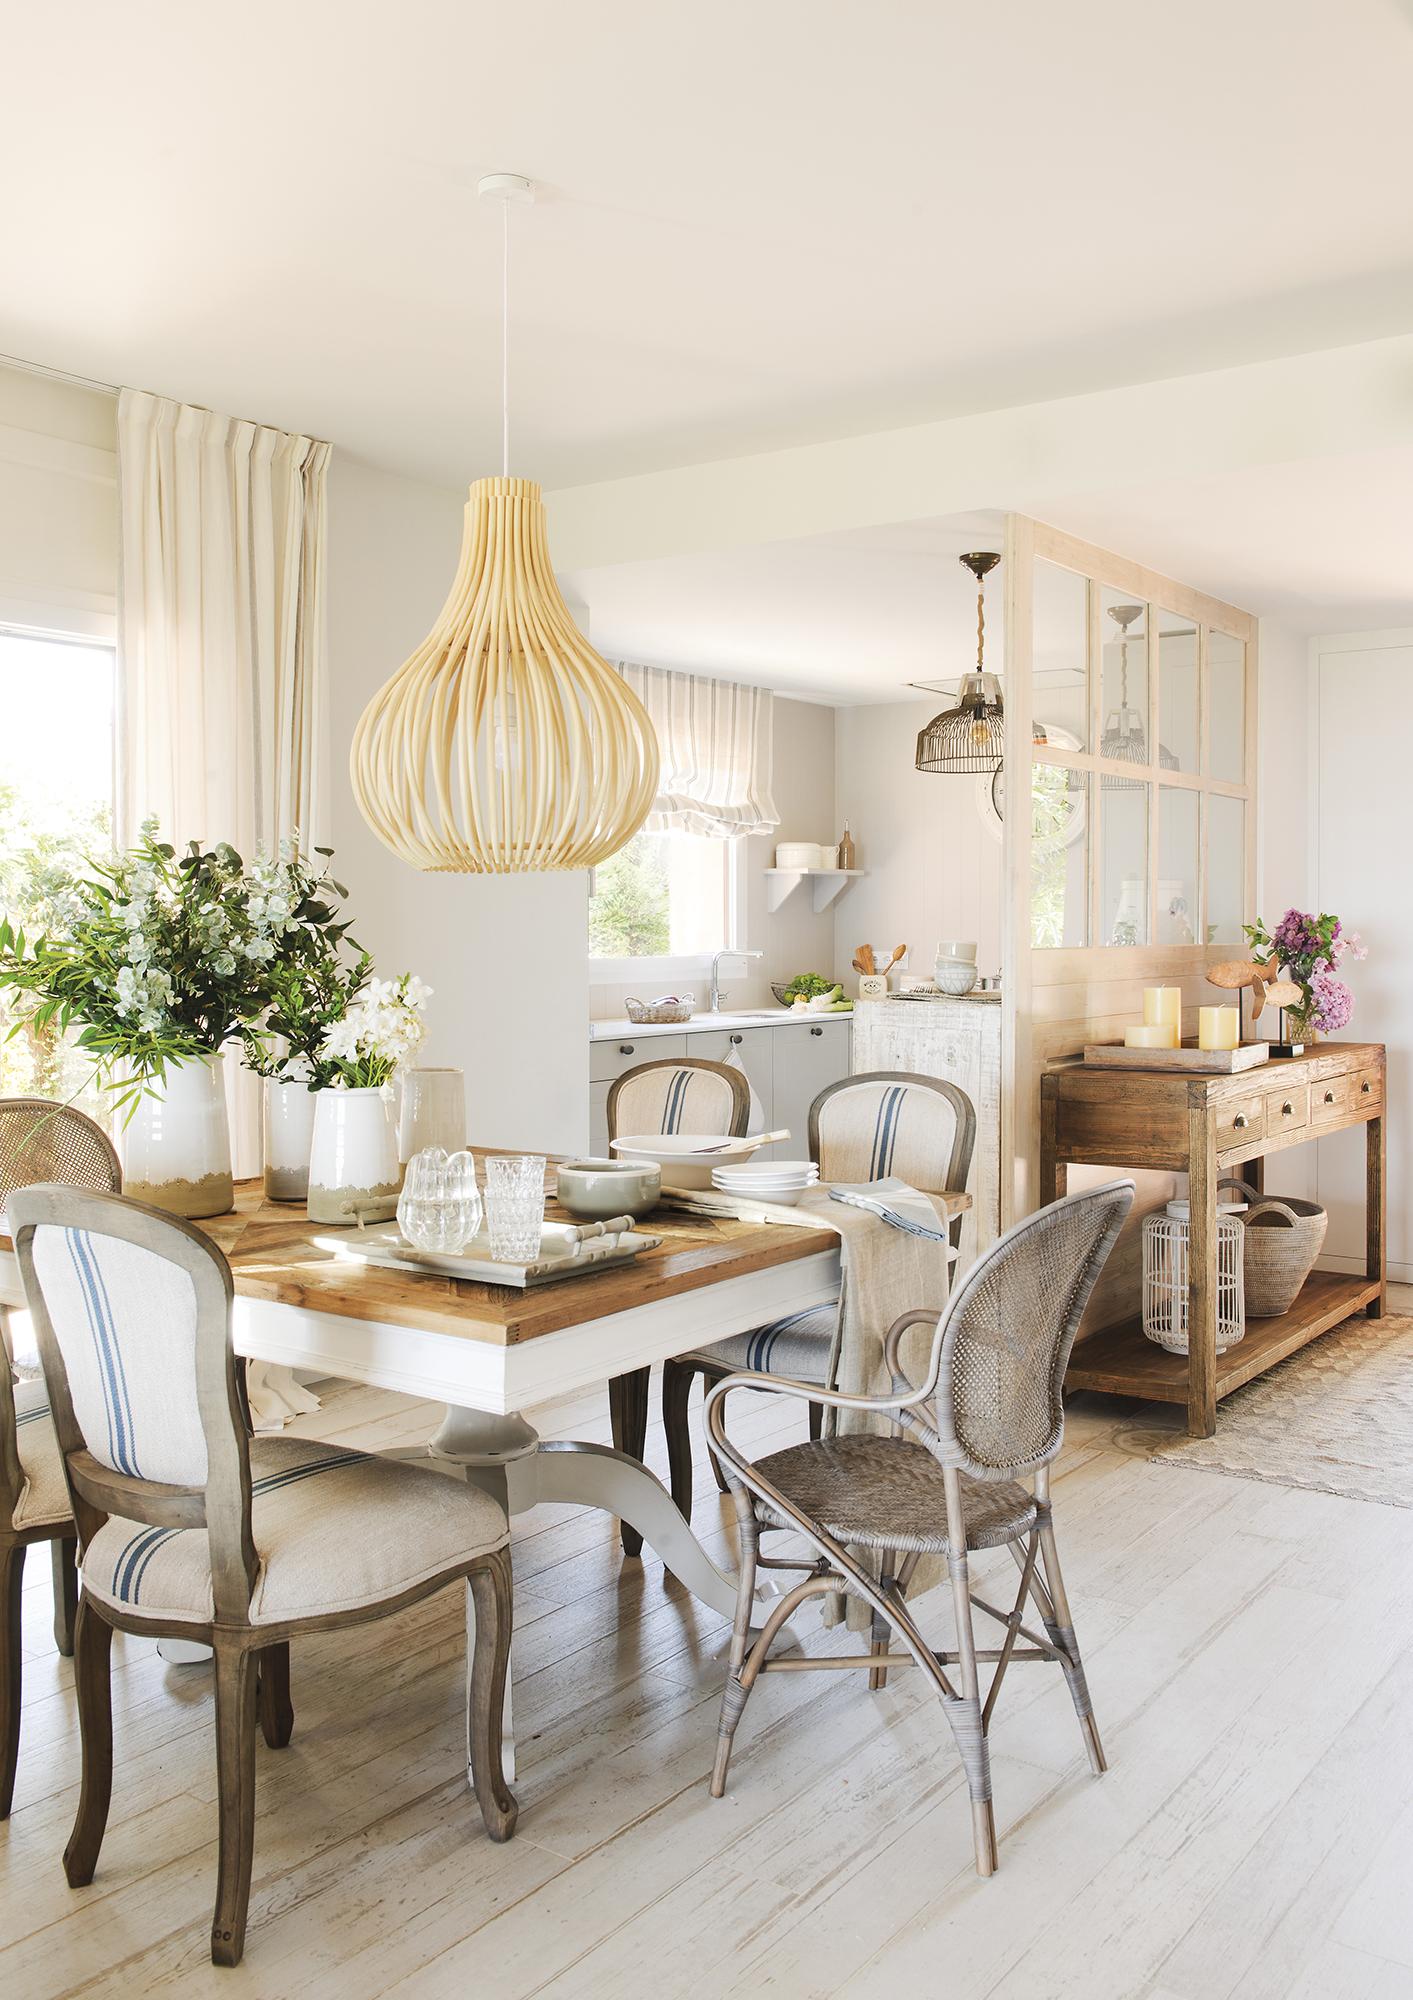 Una casa serena con aires de mar - Lamparas para salones modernos ...